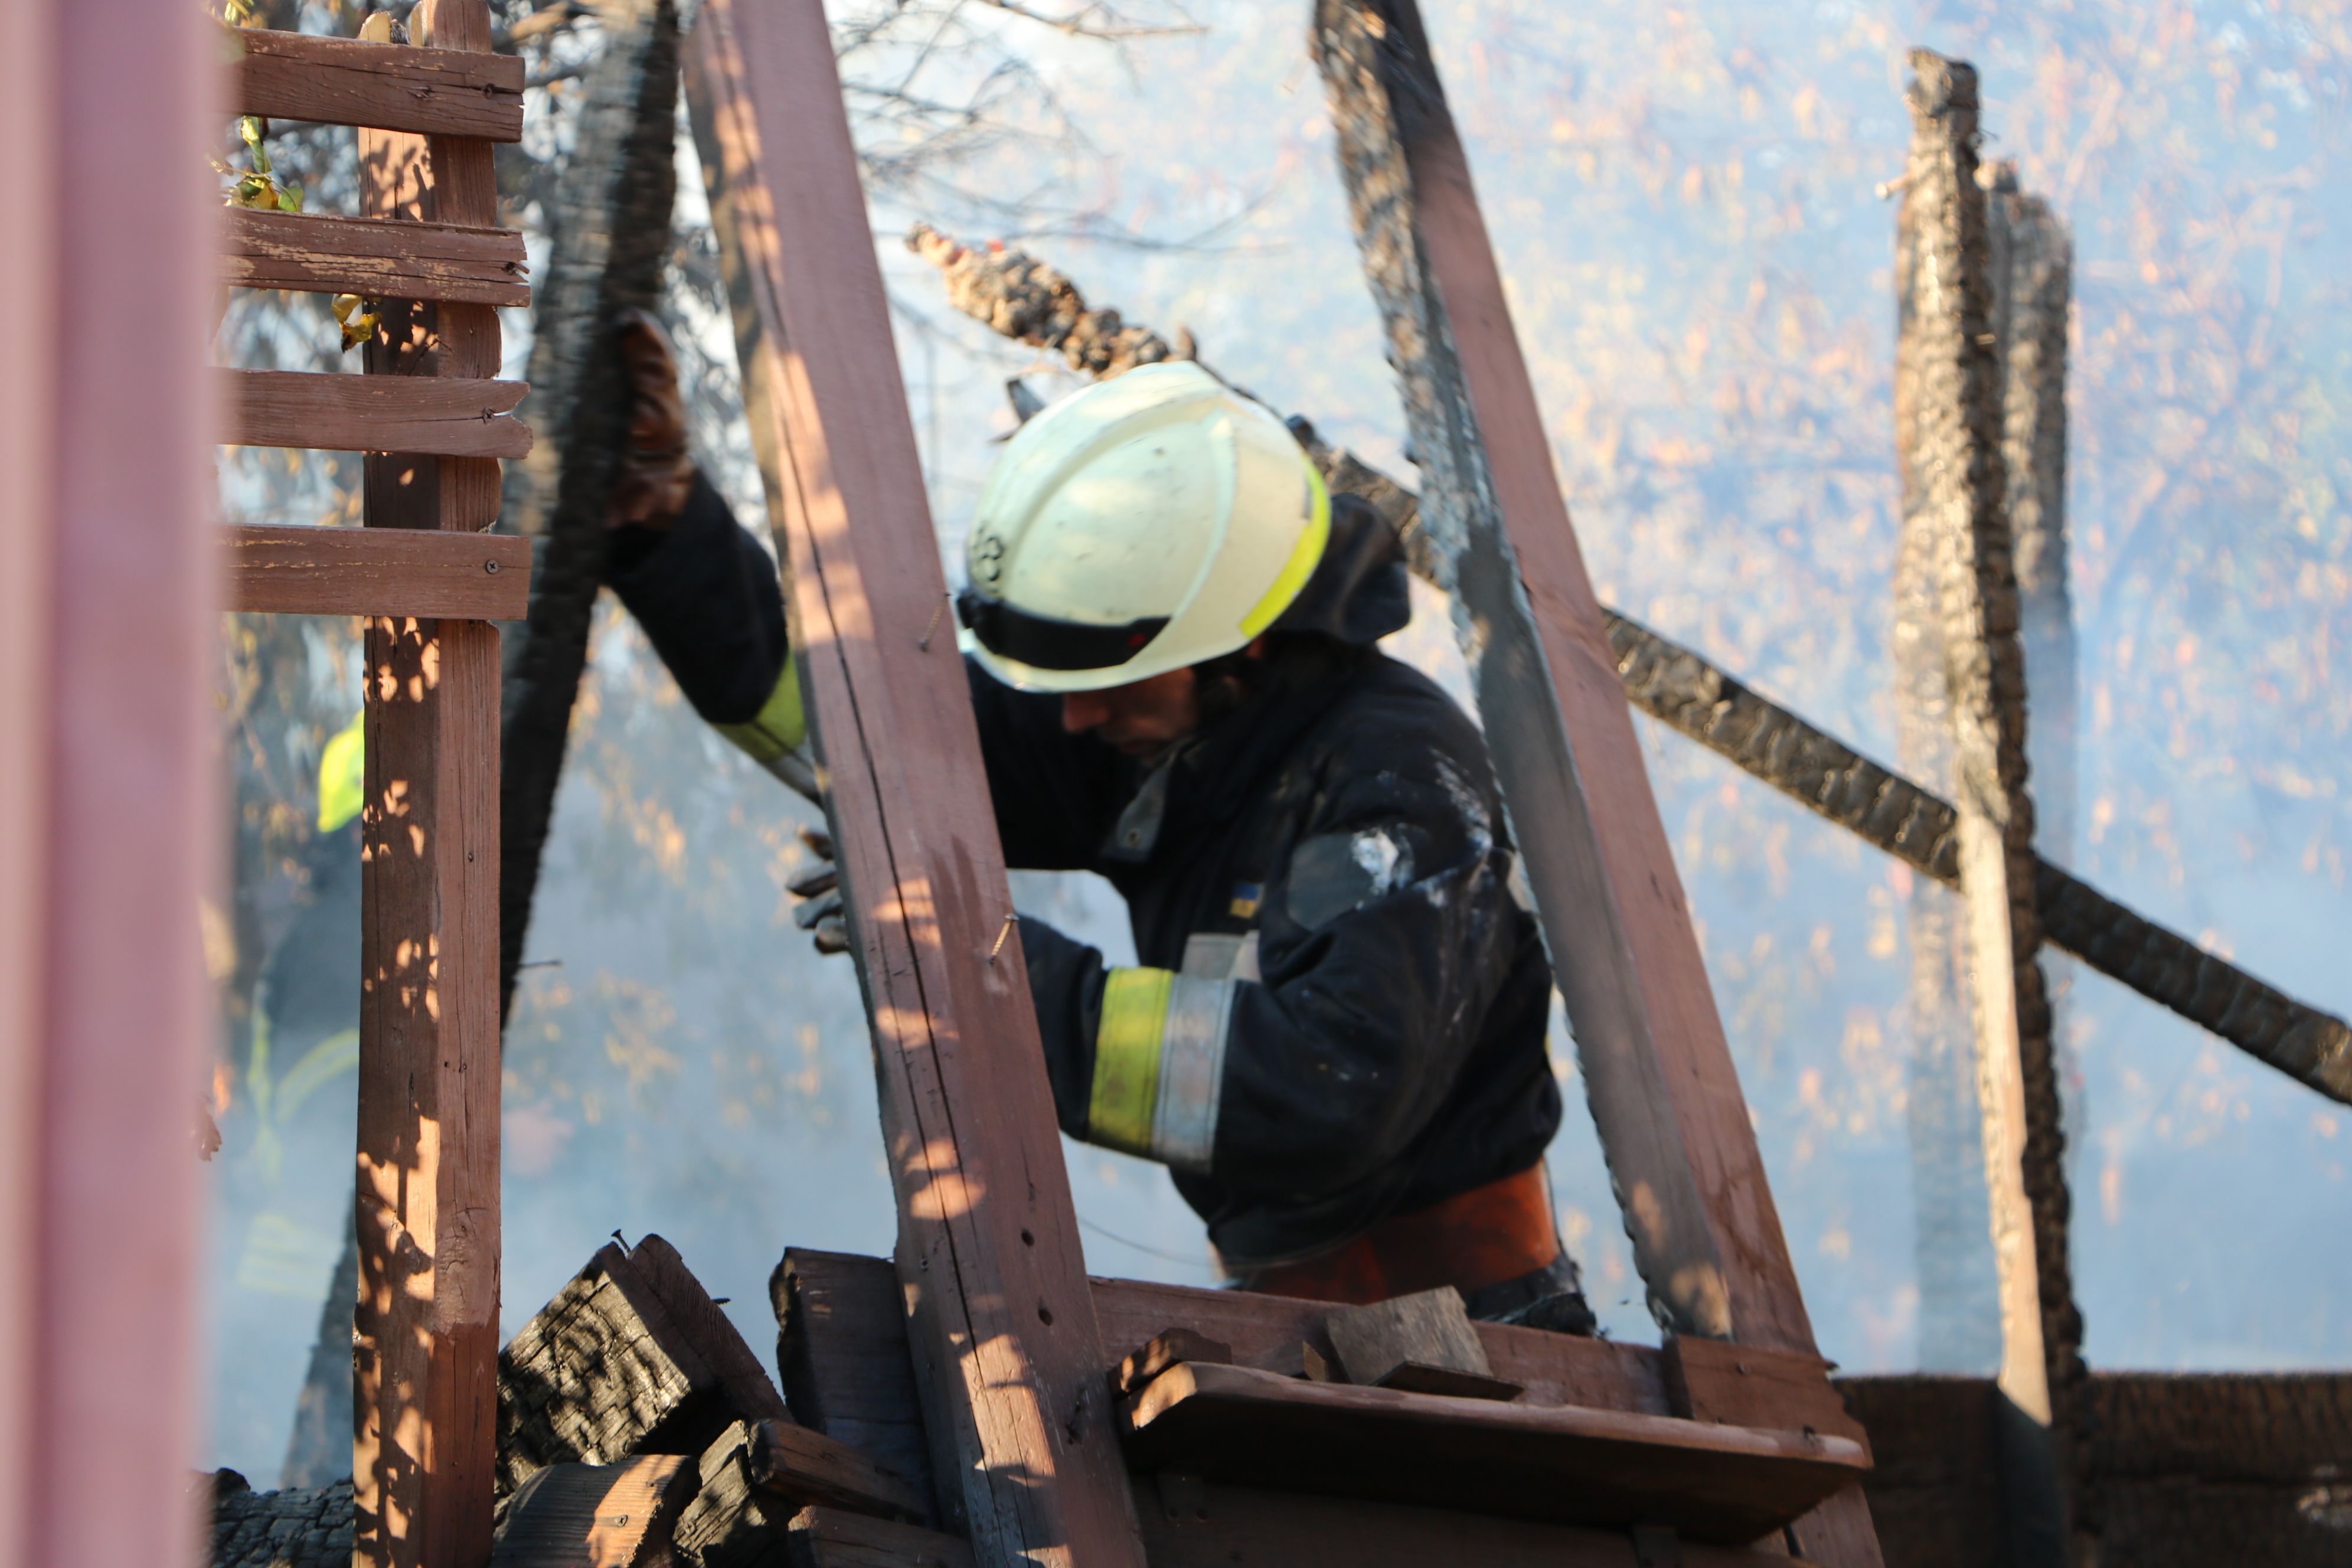 В Днепре горел жилой дом: тушили 3 пожарных машины. Новости Днепра